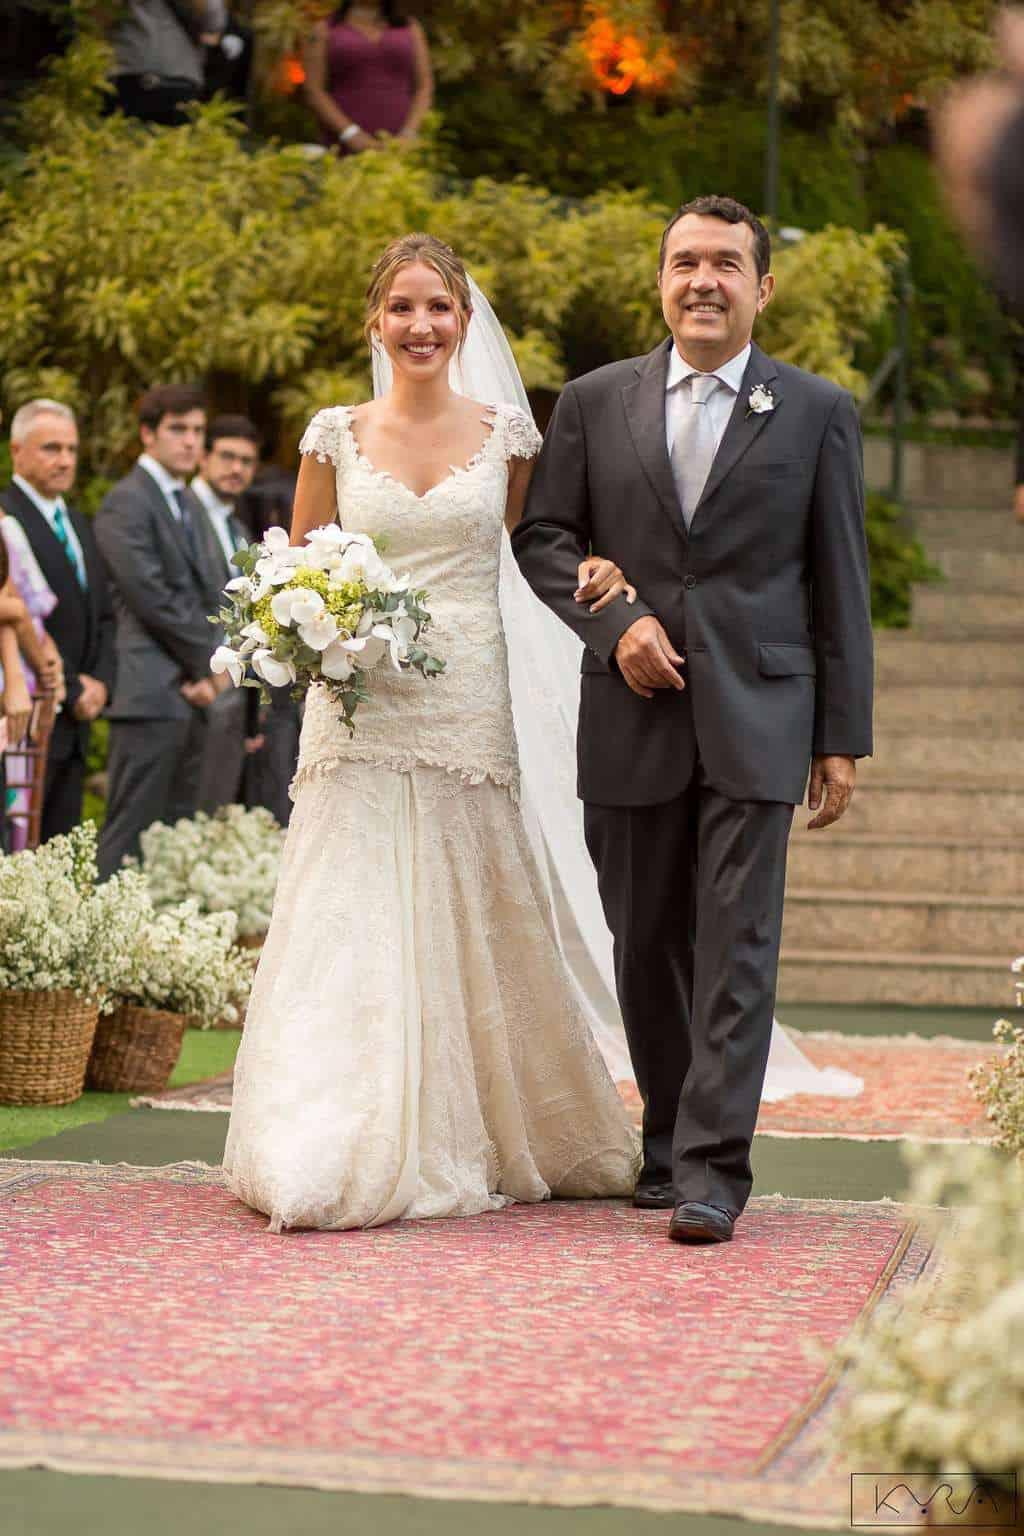 0187-Cerimonia-Giovanna-e-Pedro-KYRA4845AG2-Digital-Anna-Carolina-Werneck-Casa-das-Canoas-Casamento-Cerimônia-Cortejo-Entrada-da-noiva-Kyra-Mirsky-Rio-de-Janeiro-1